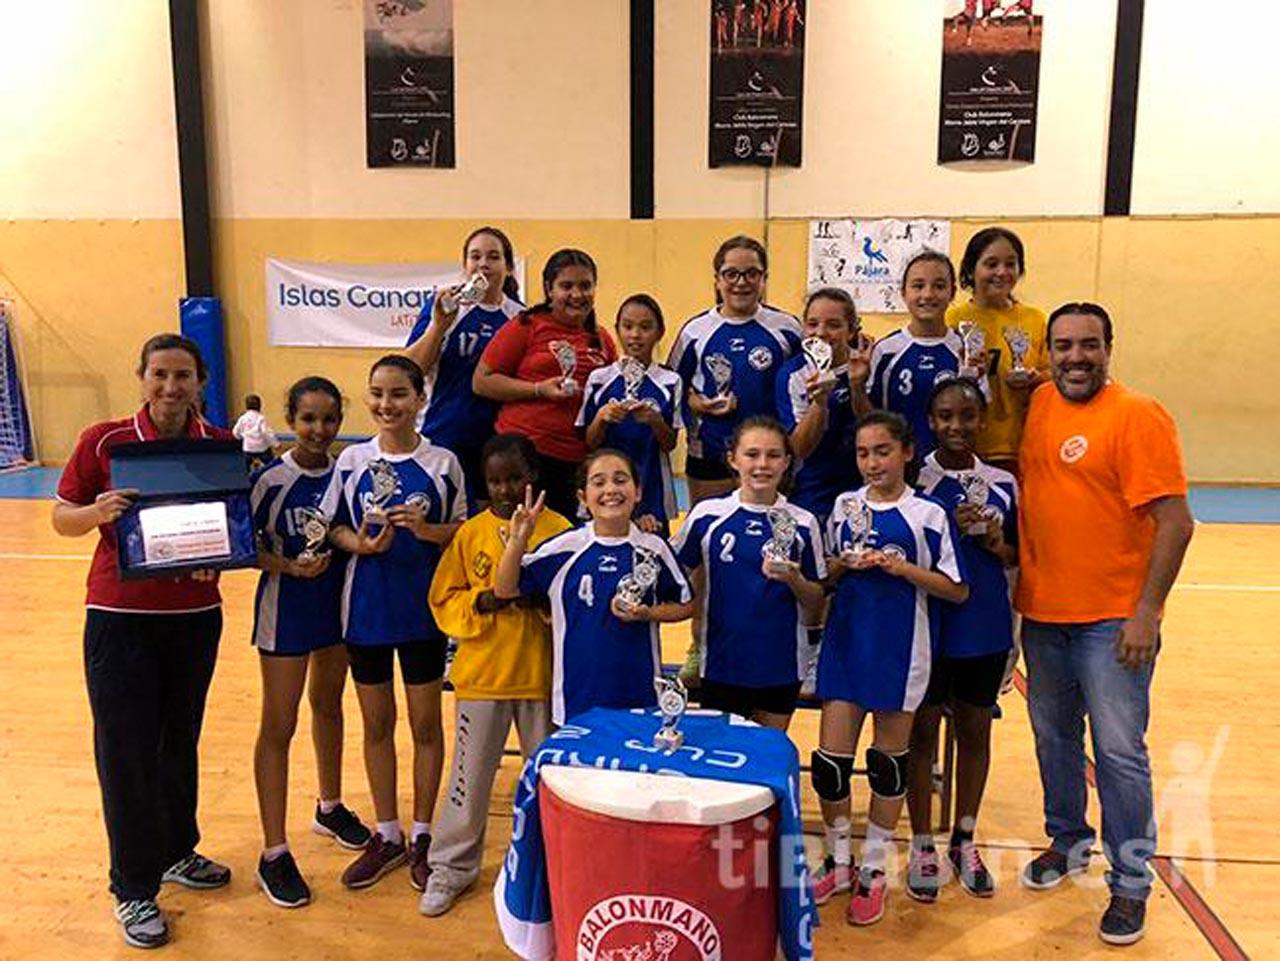 El Ayuntamiento de Pájara felicita al Balonmano Morro Jable V.C alevín femenino, campeón de liga